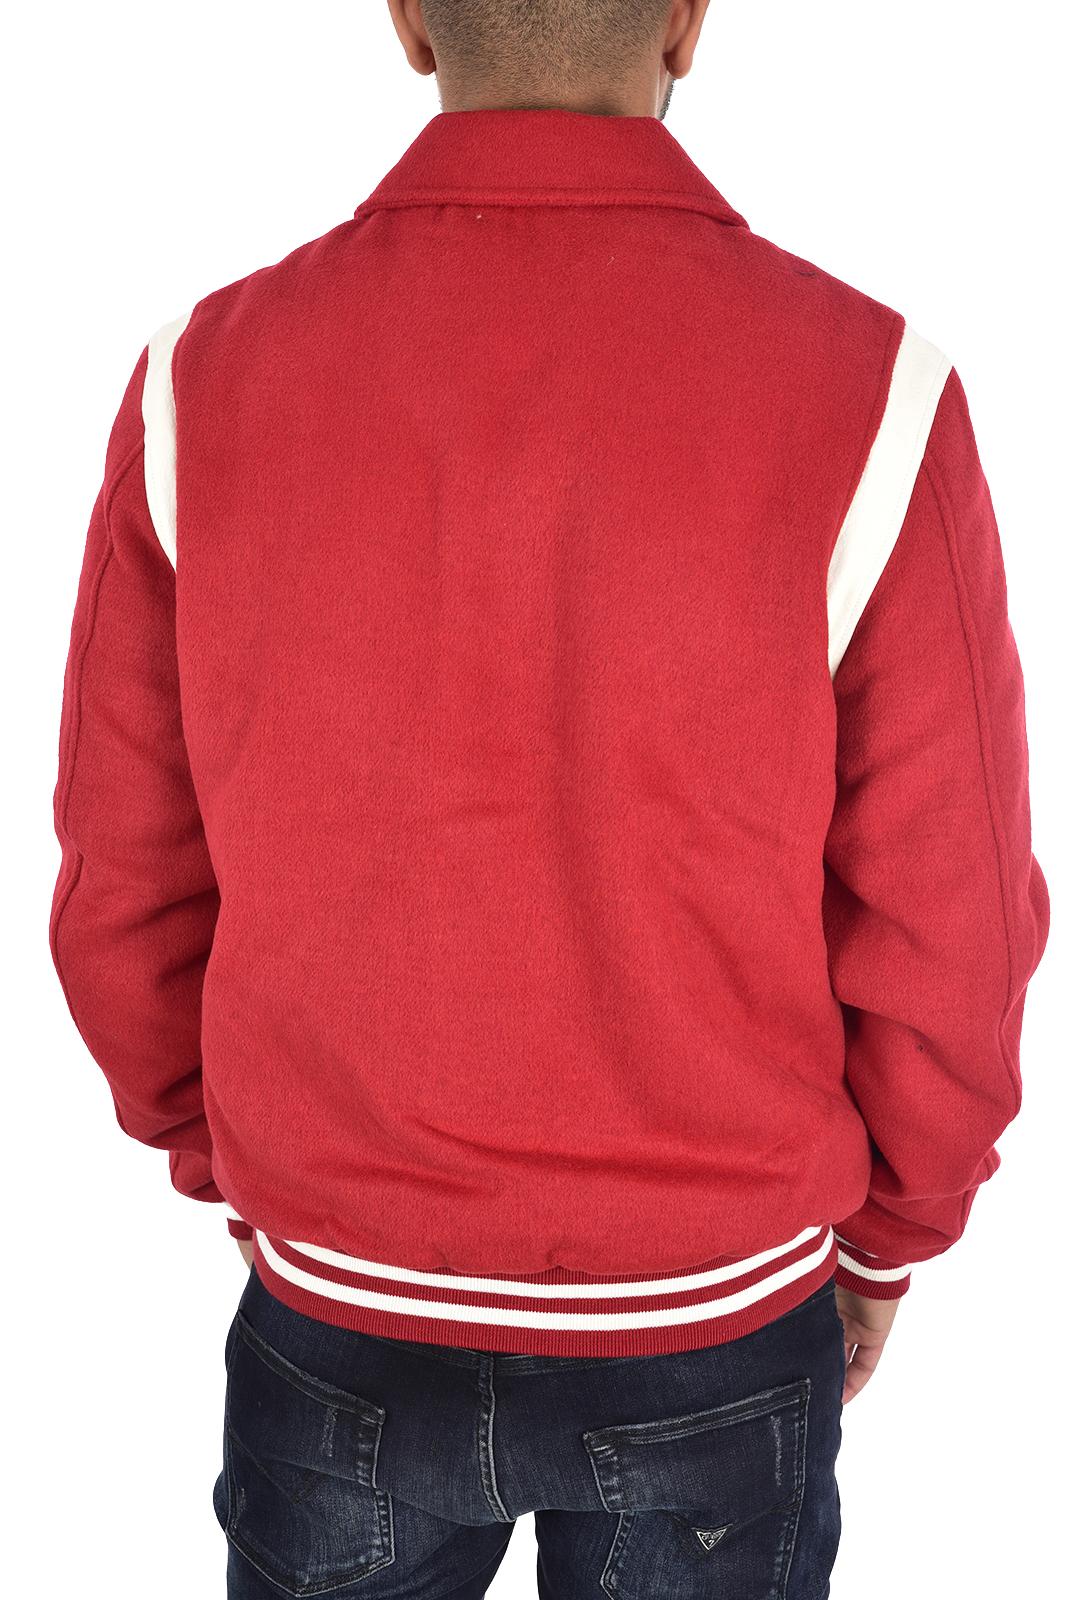 Blousons / doudounes  Guess jeans M94L63 WC2S0 ROUGE/TULIP RED